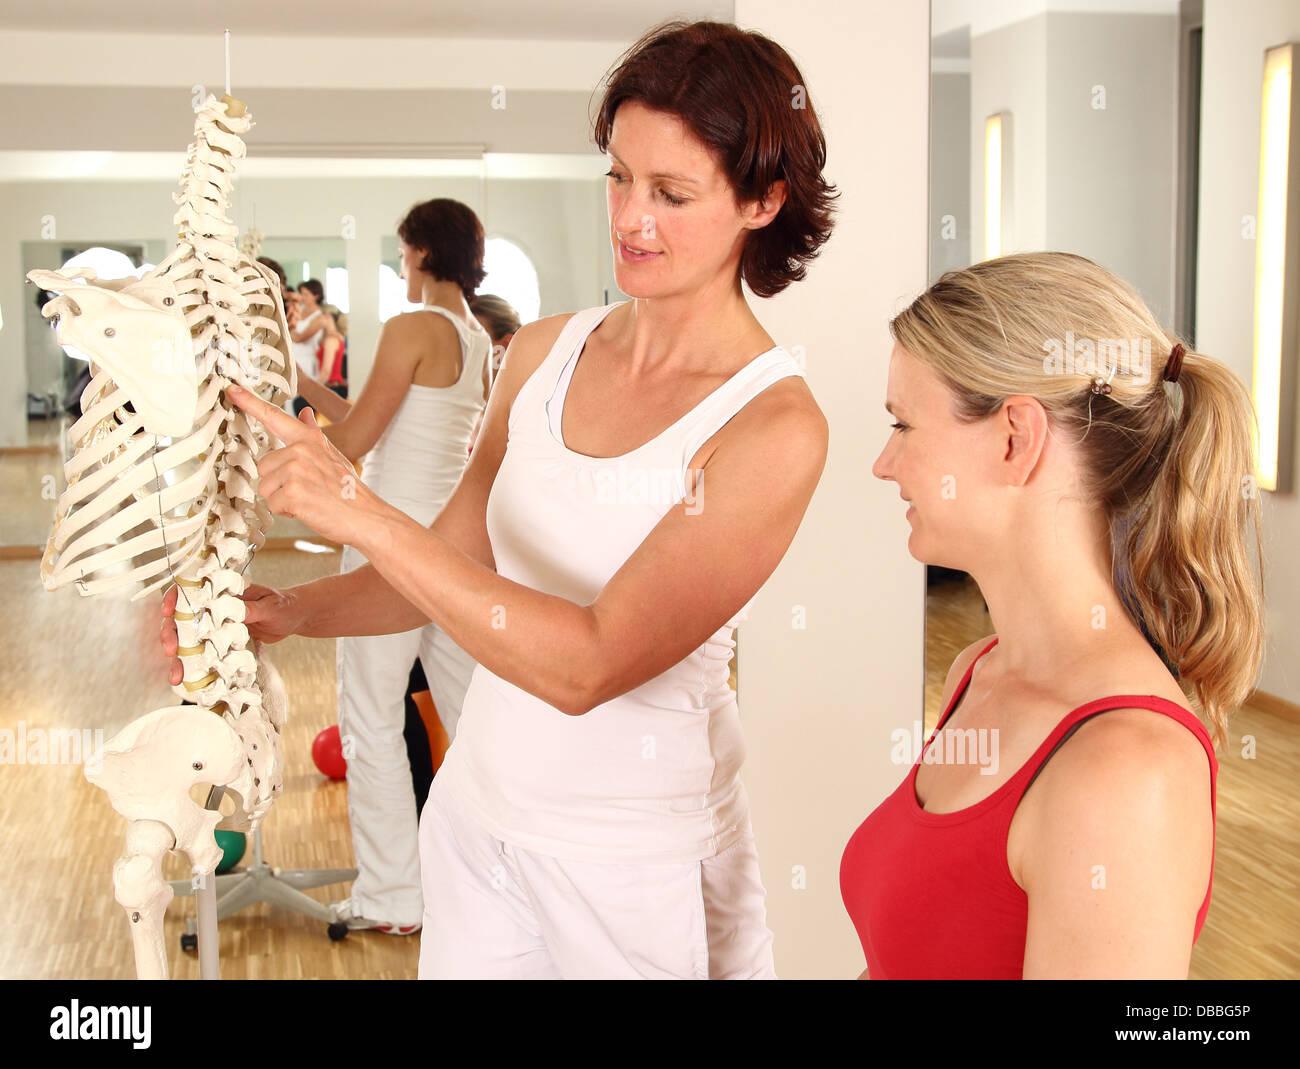 Physiotherapist explaining the spine - Stock Image